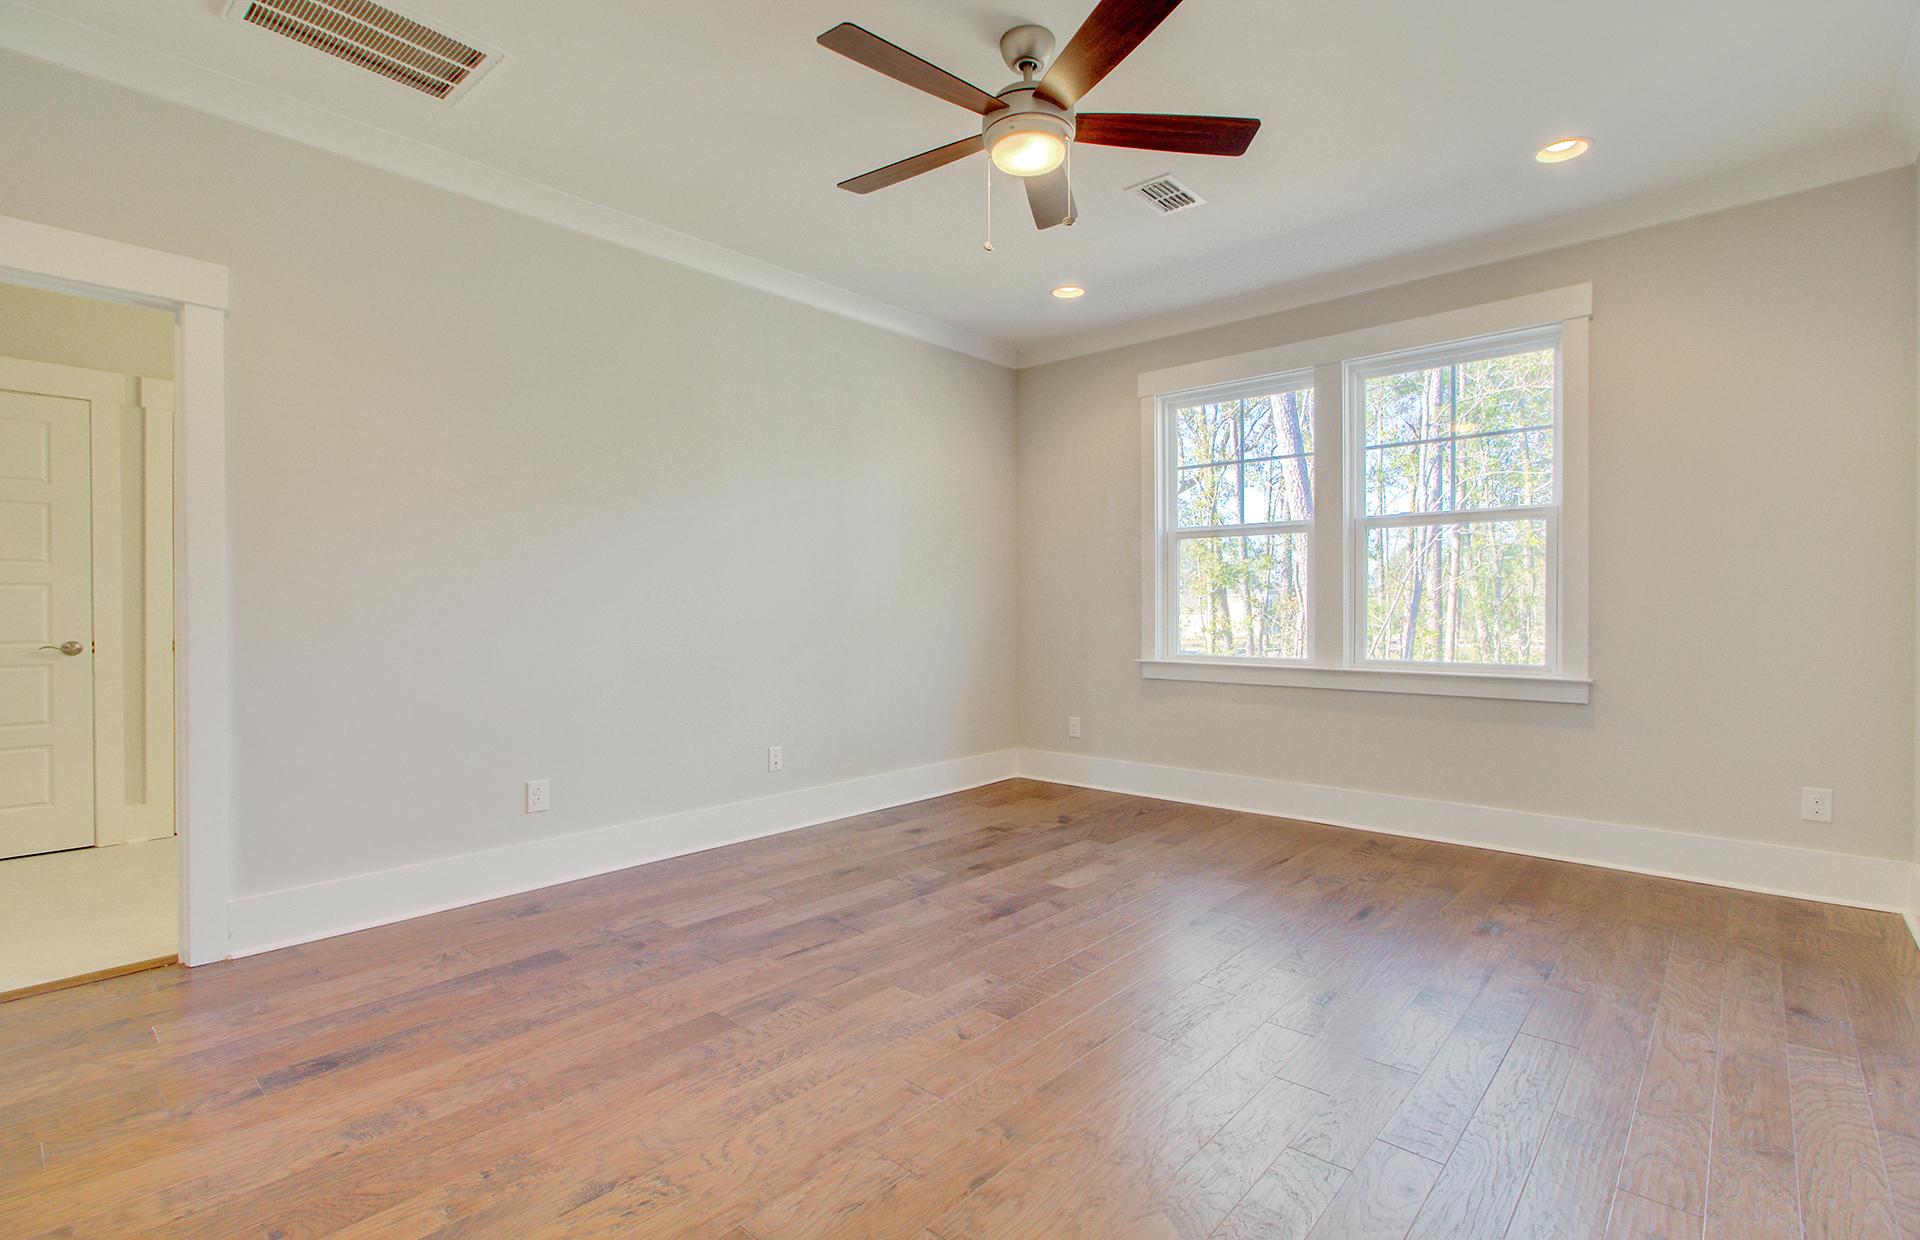 Dunes West Homes For Sale - 2416 Brackish, Mount Pleasant, SC - 2